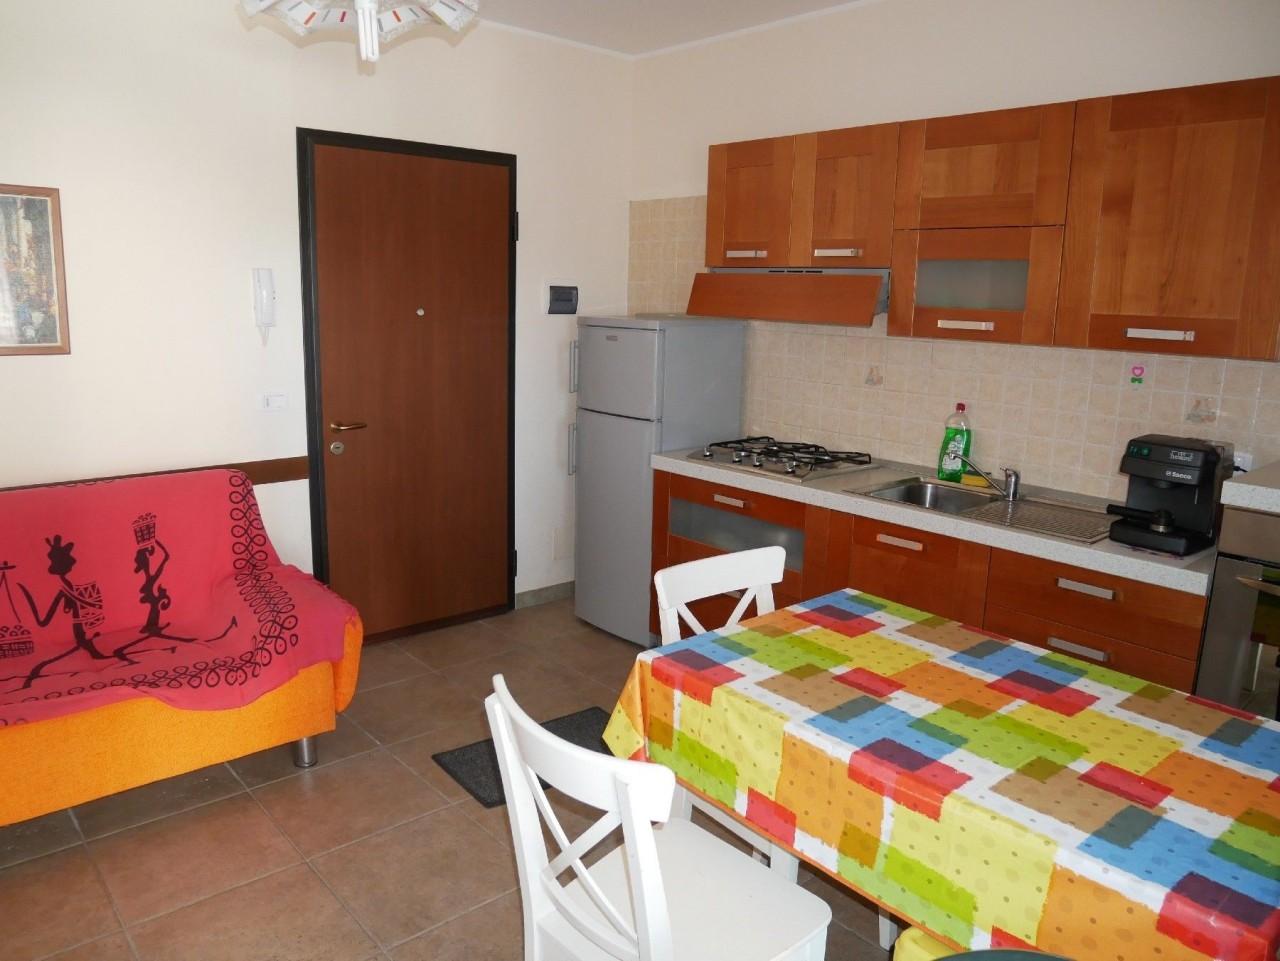 Appartamento in vendita a Vasto, 3 locali, prezzo € 95.000 | PortaleAgenzieImmobiliari.it